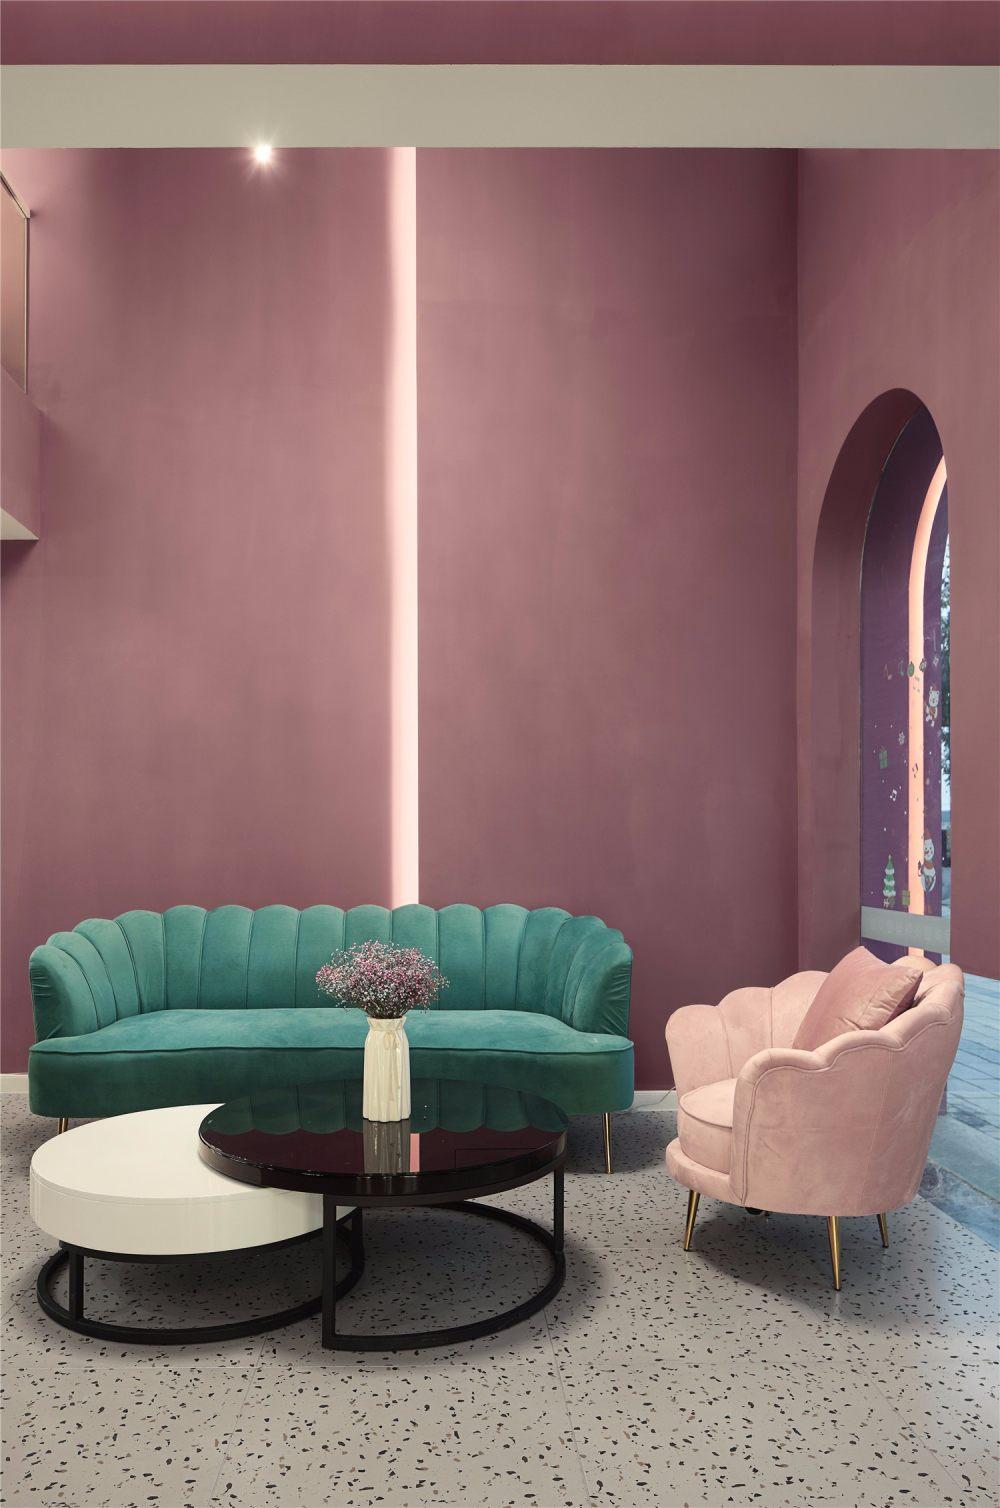 南舍空间新作——常州荷尔蒙美甲美睫皮肤管理_沙发用粉色与蓝色等相近色搭配,尽显女人的妩媚。